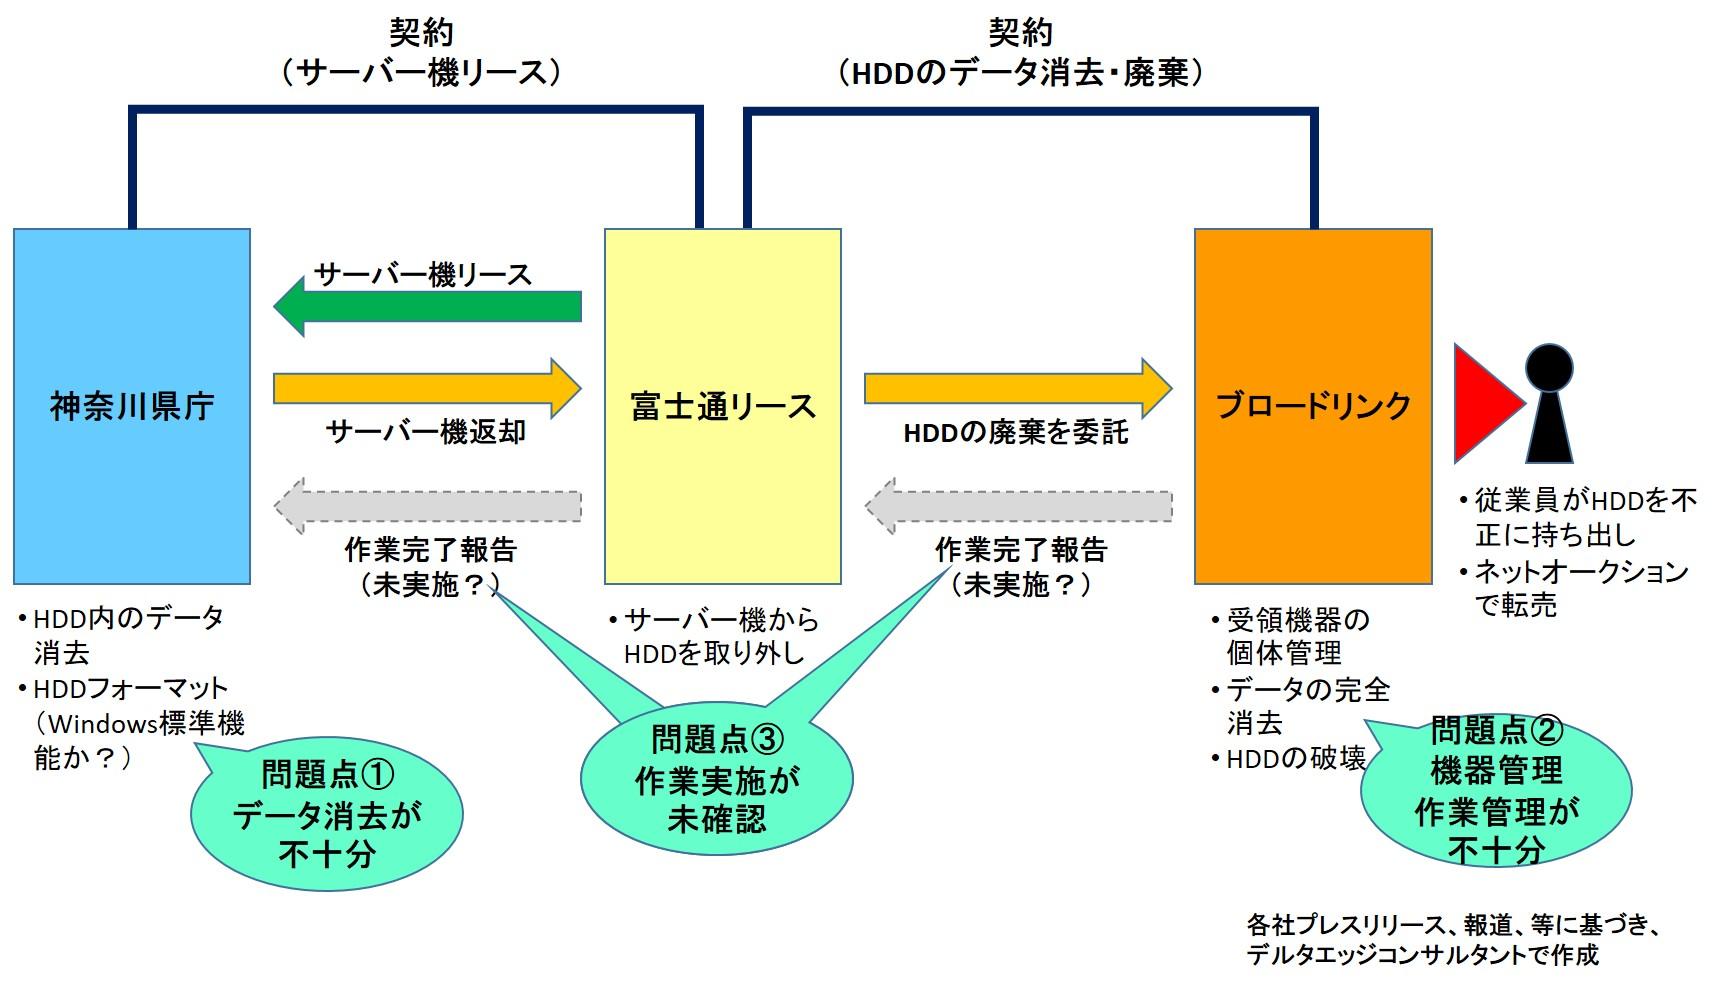 神奈川県庁HDD流出の概要